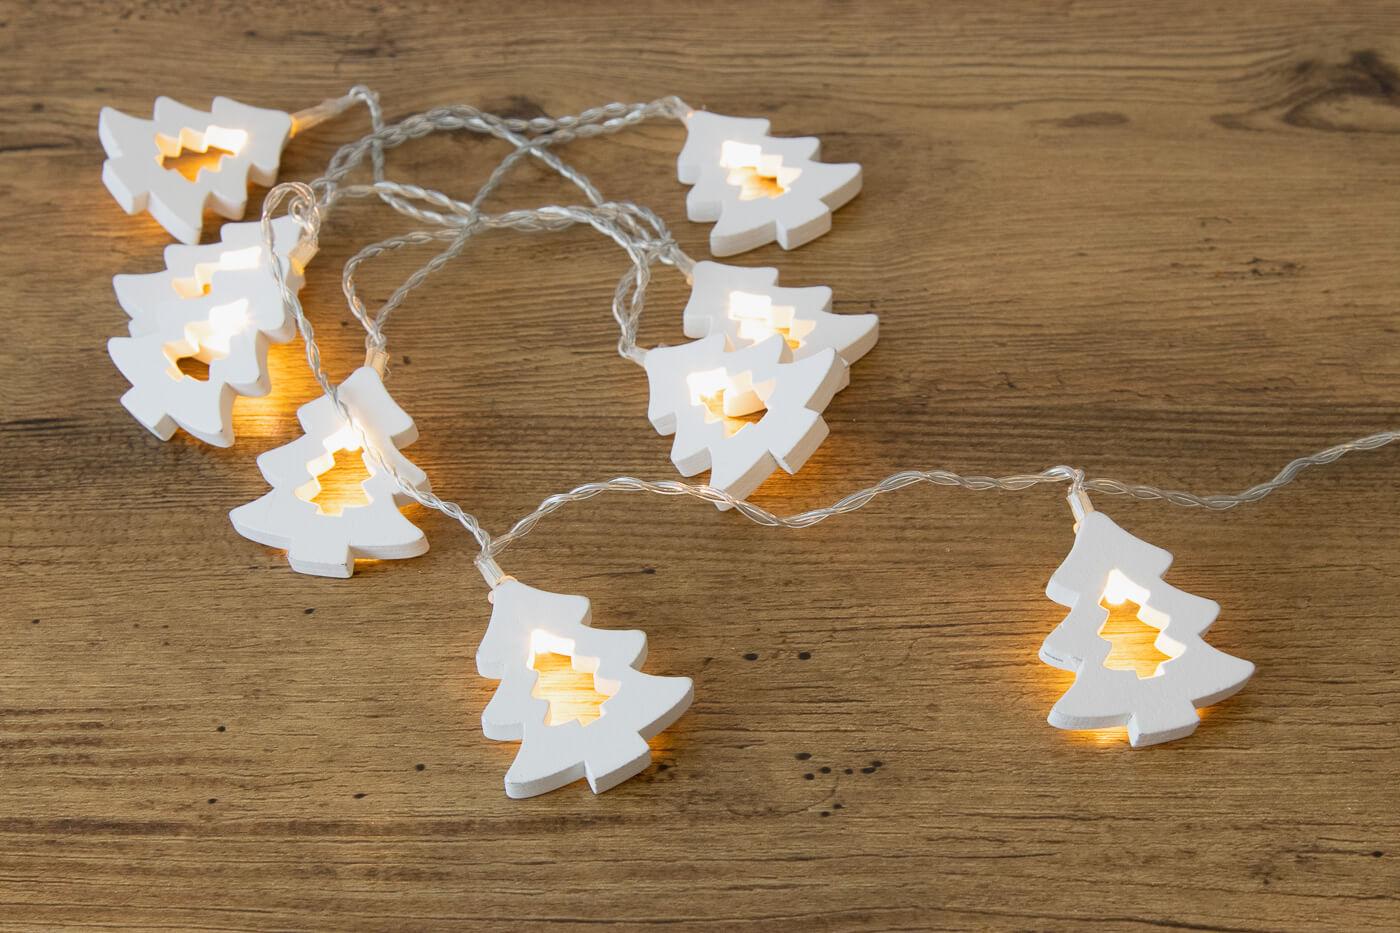 LED-Baumlichterkette 10 LEDs mit weißen Holz-Weihnachtsbäumen warmweiß